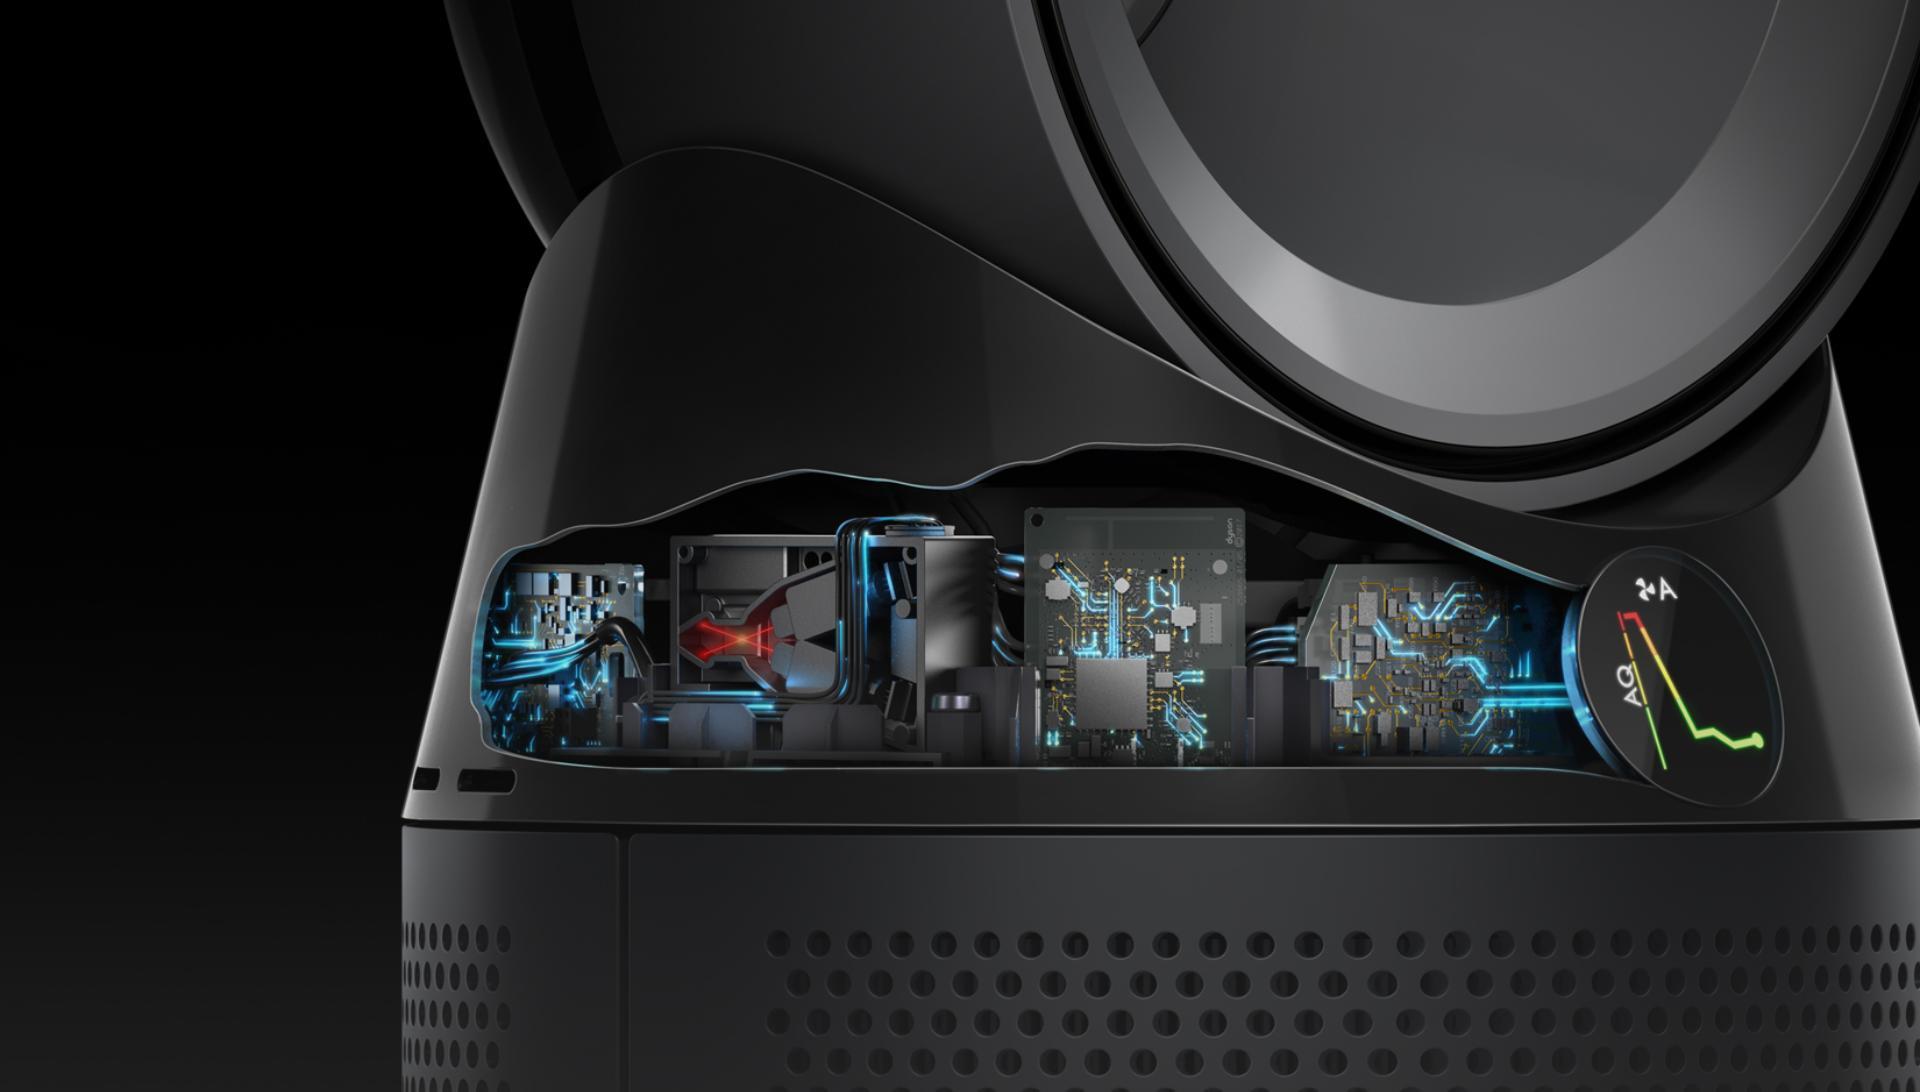 X-ray view inside Dyson purifier fan heater